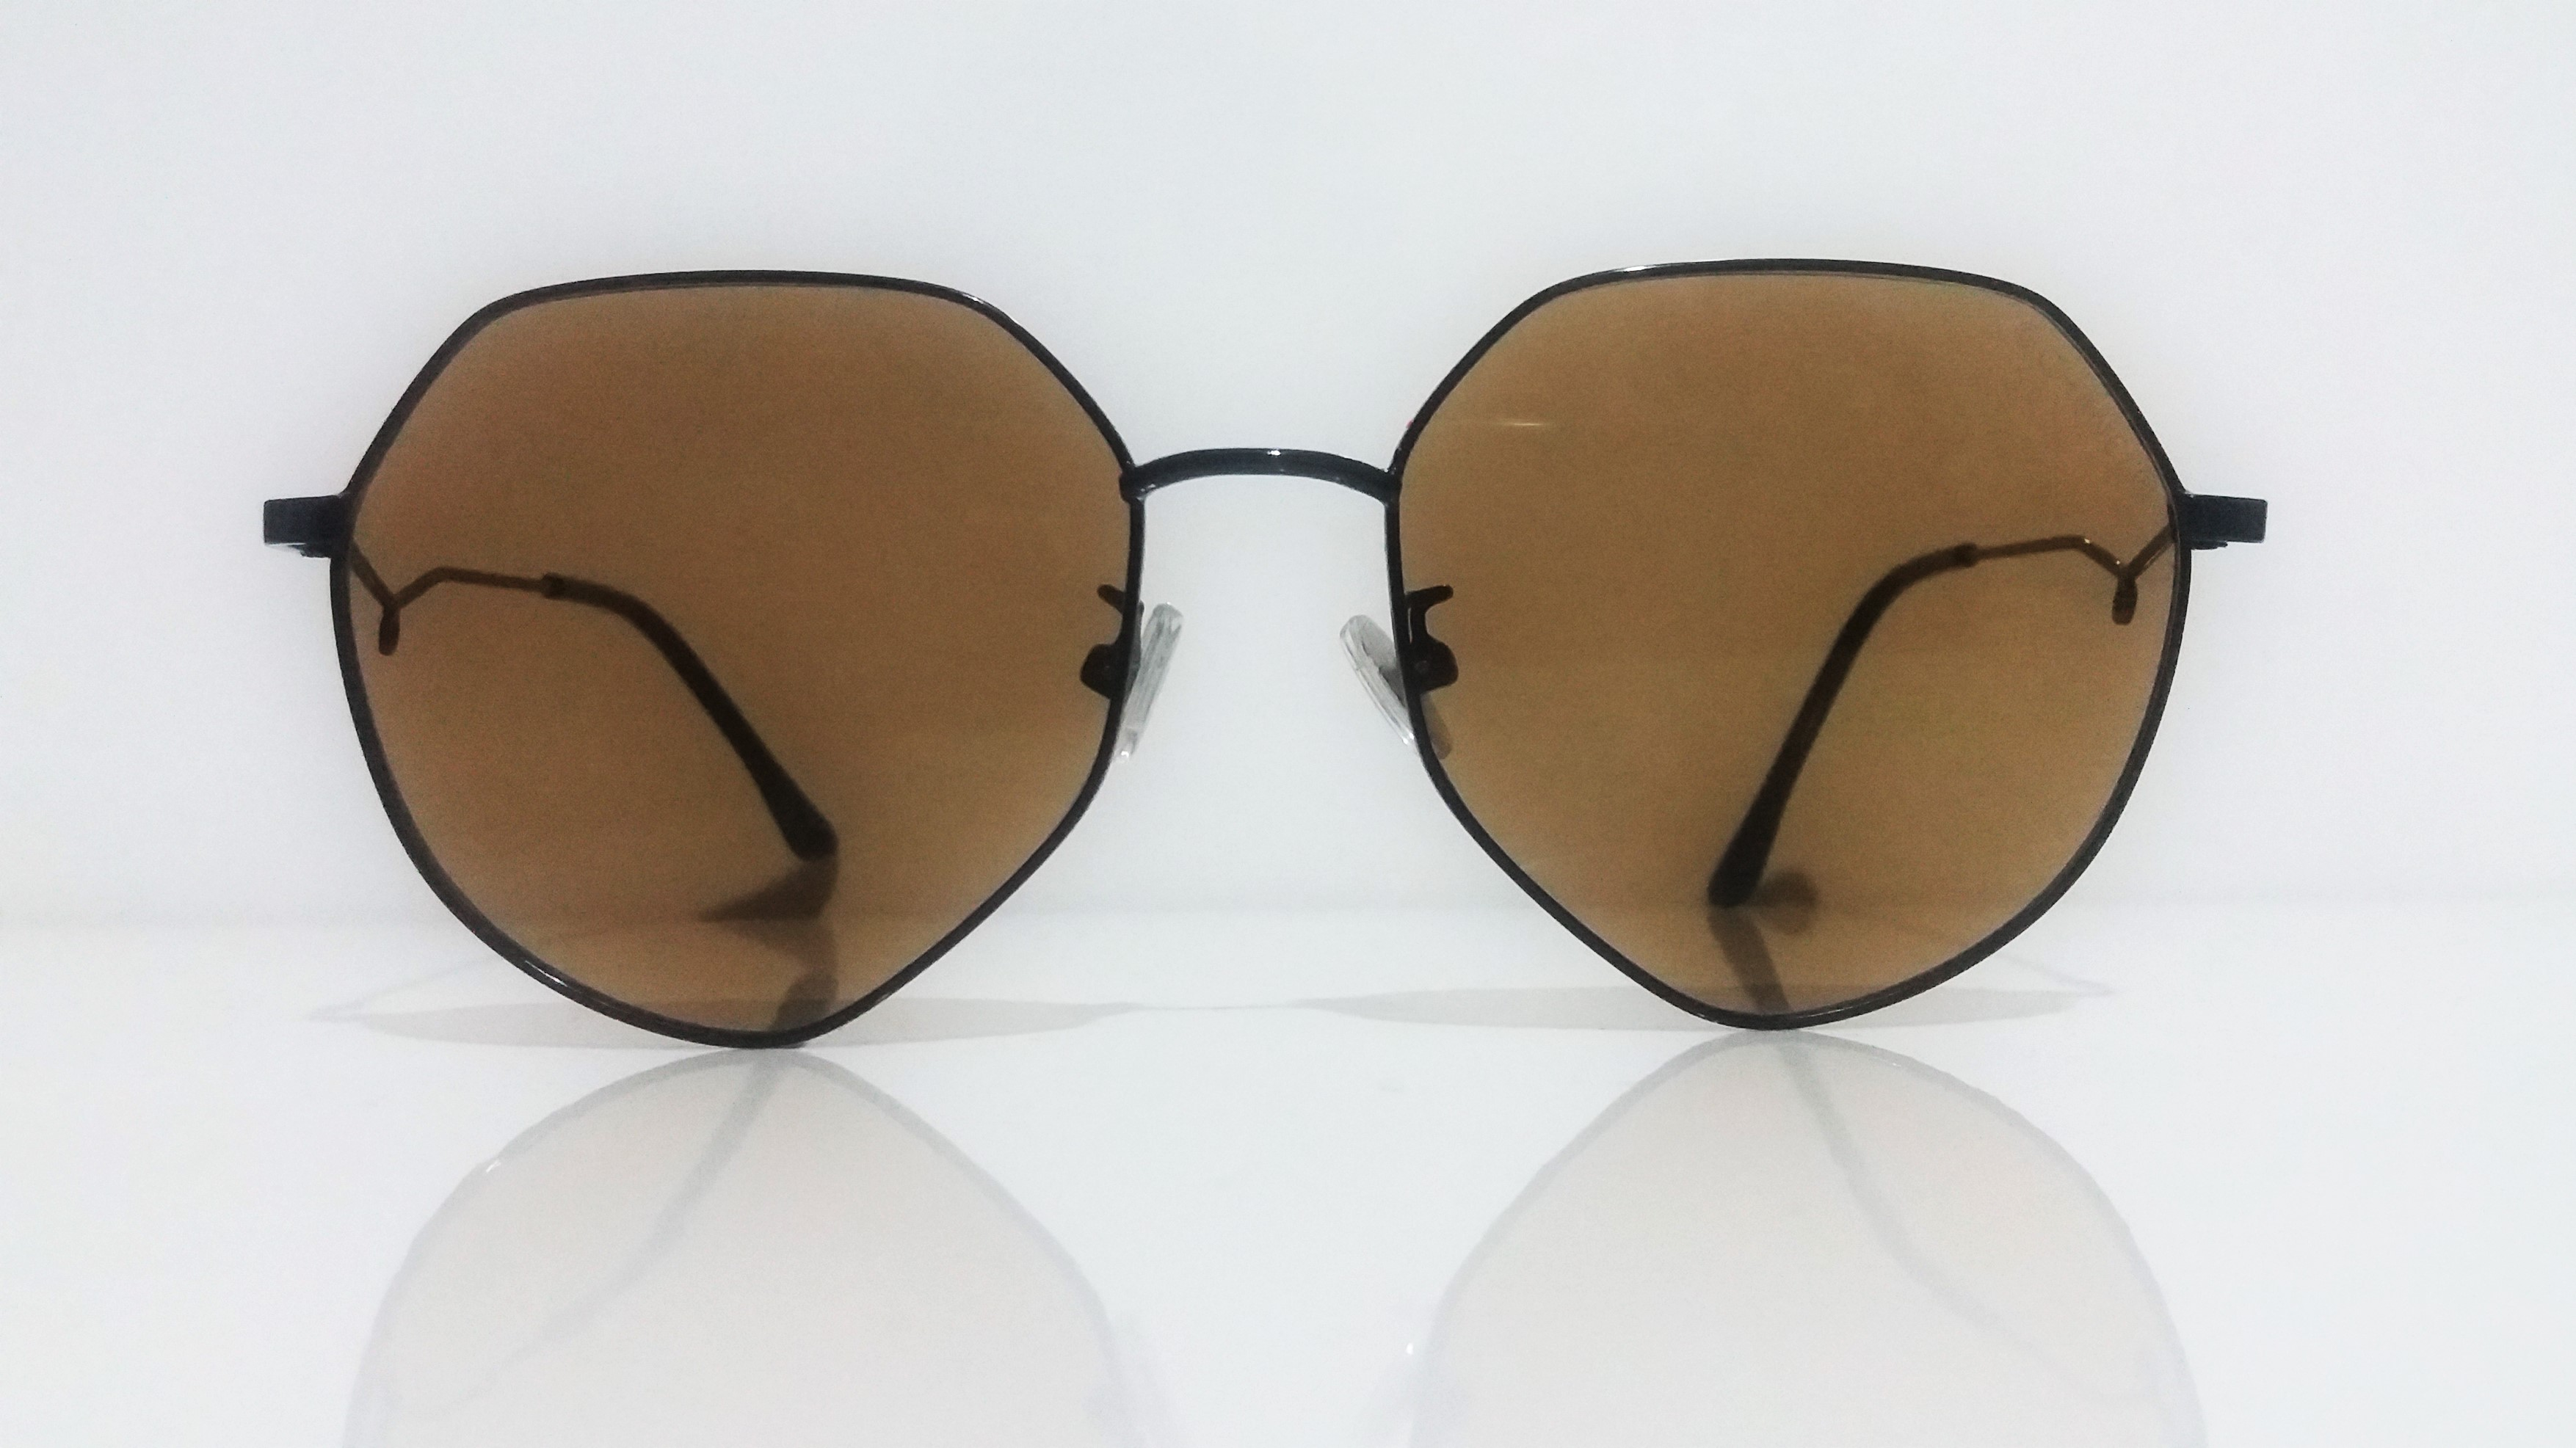 عینک آفتابی زنانه مدل شنل - chanel